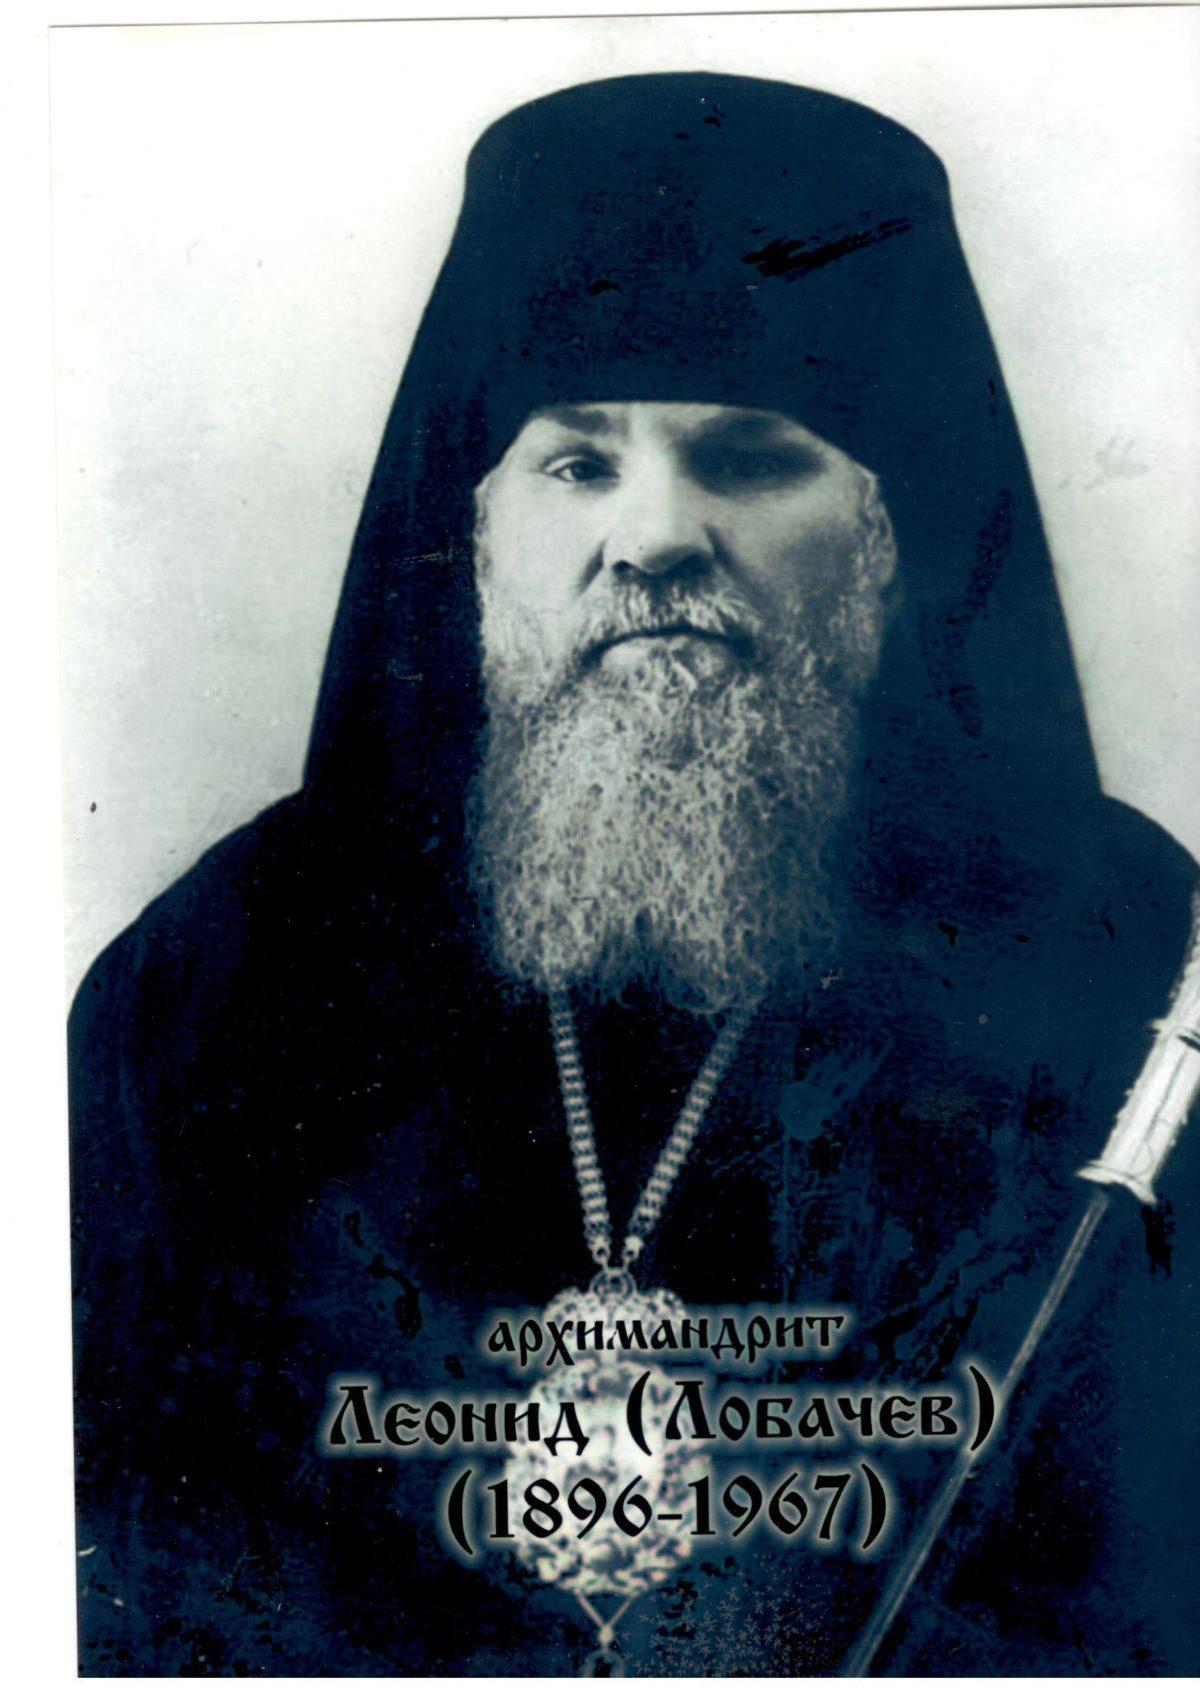 Архиепископ Леонид (Лобачев)